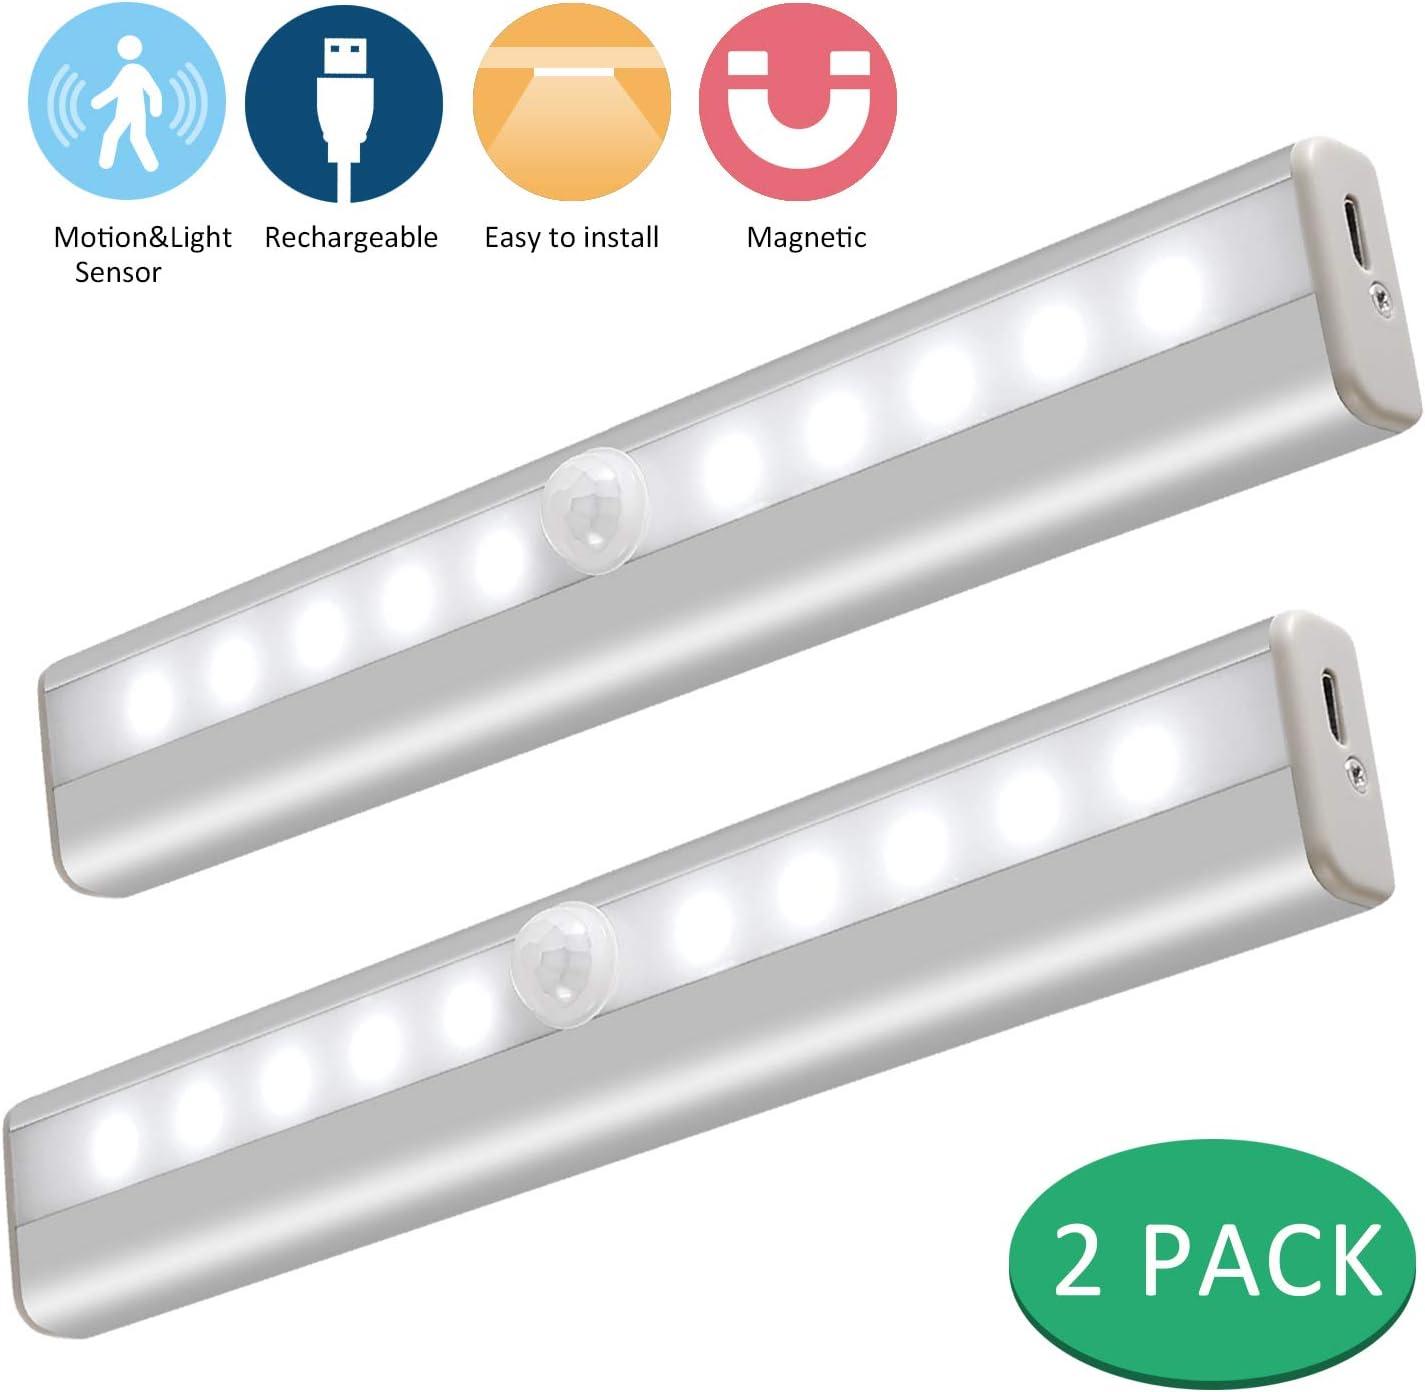 Lámpara LED de Armario, 10 LED USB Recargable Barra de Luz Làmpara con Sensor de Movimiento Inalámbrico para Armario, Gabinete, Pasillo, Baño, Cajón,[Clase de eficiencia energética A]